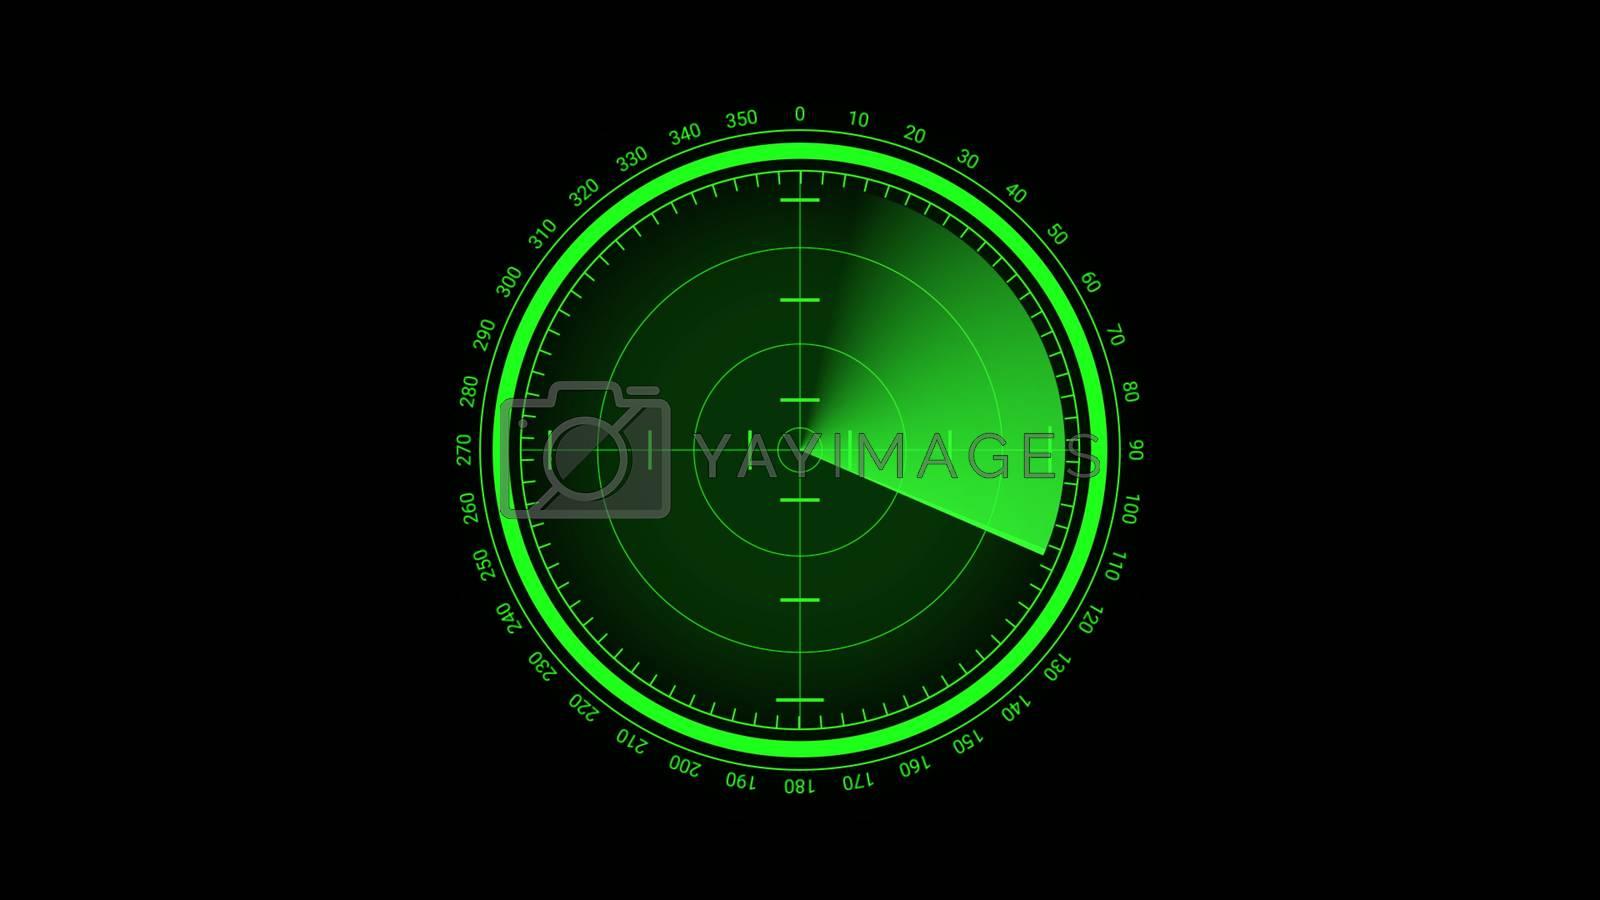 Futuristic radar screen, searching target